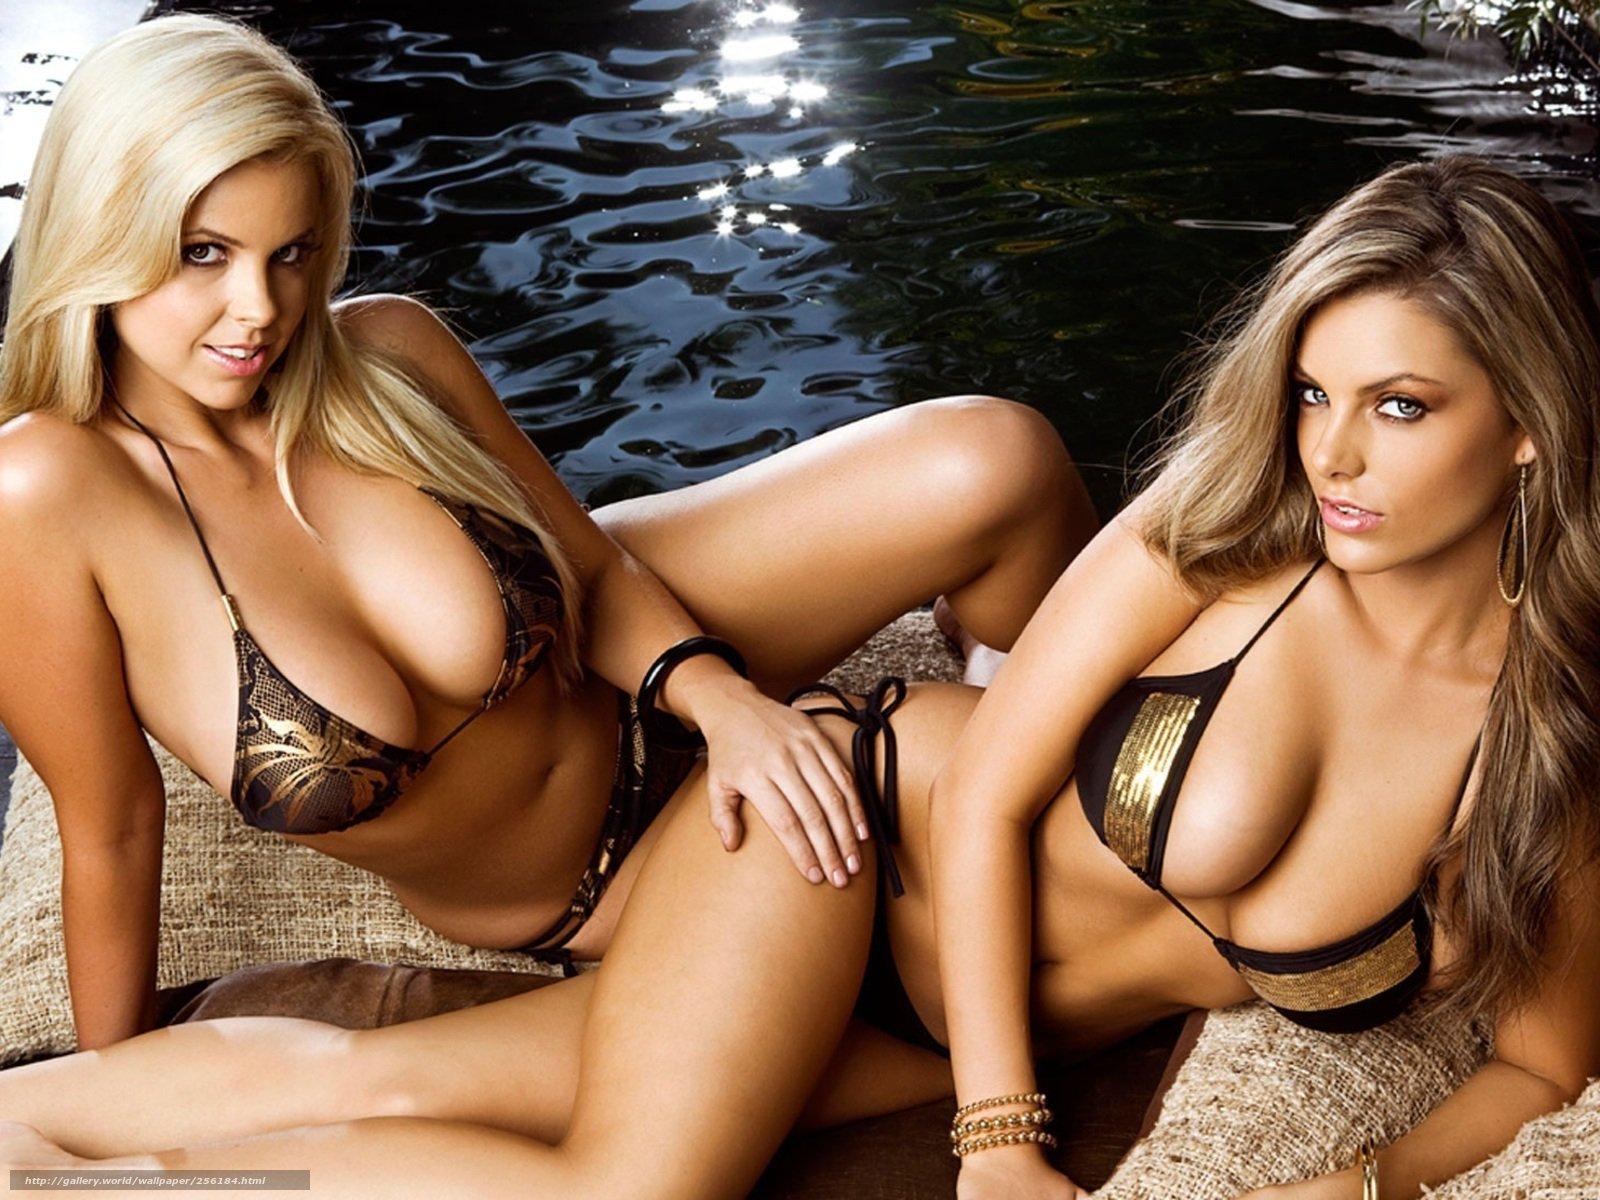 Супер красивые девчонки сексуальные 2 фотография